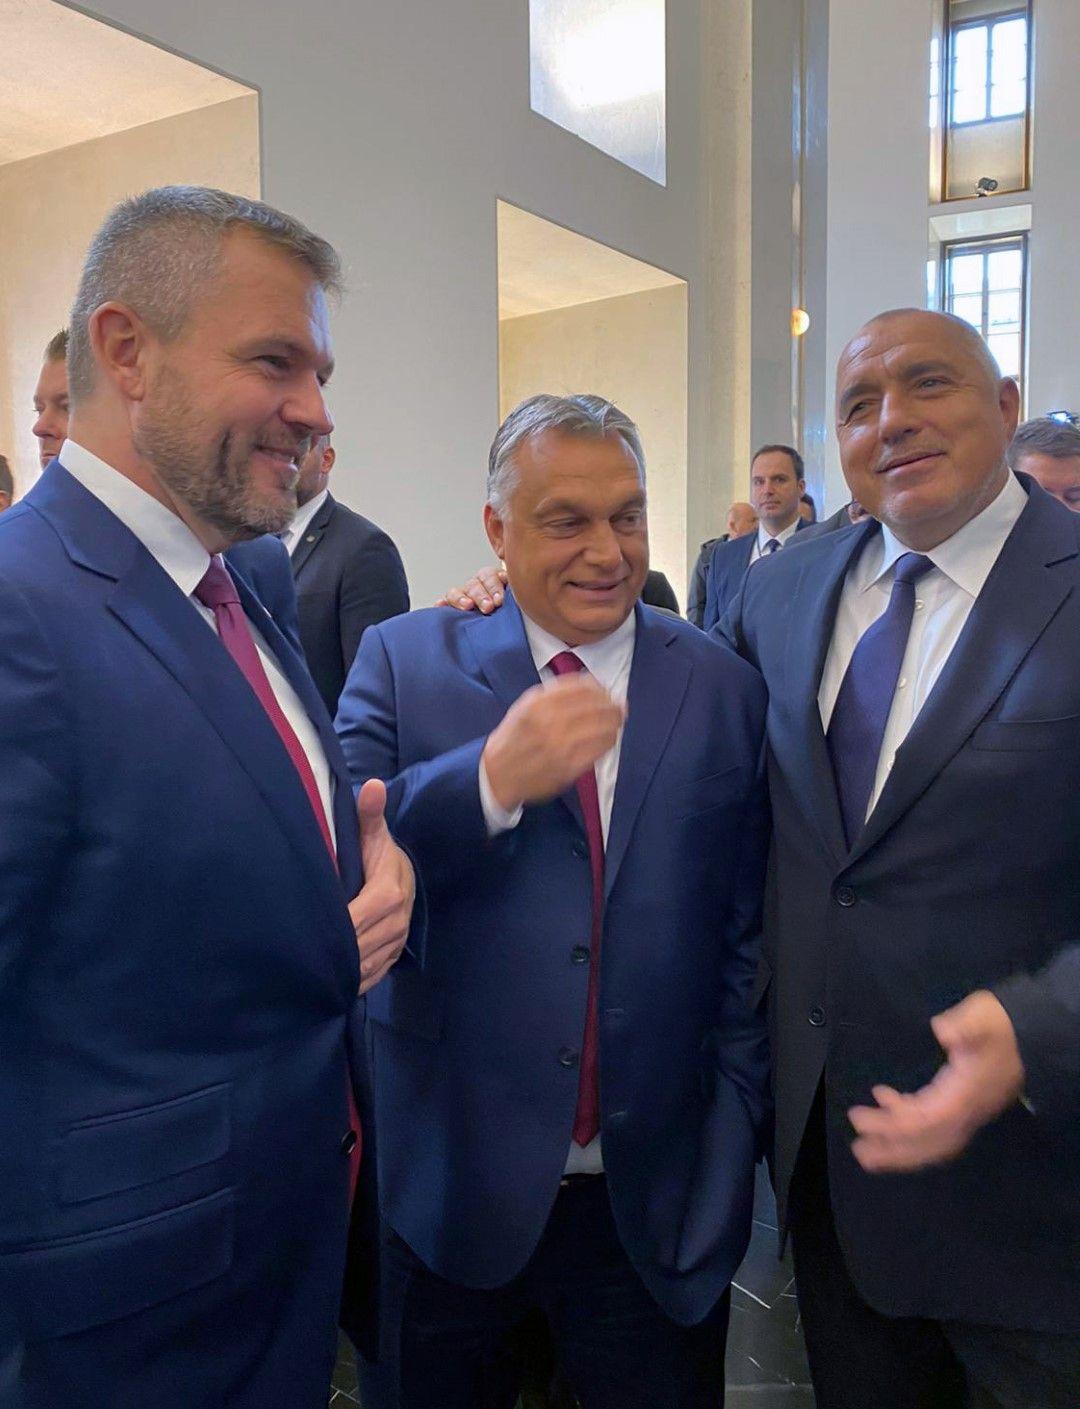 """Бойко Борисов и Виктор Орбан по време на пленарната сесия на Срещата на високо равнище на групата """"Приятели на кохезията"""", която се провежда в Прага"""